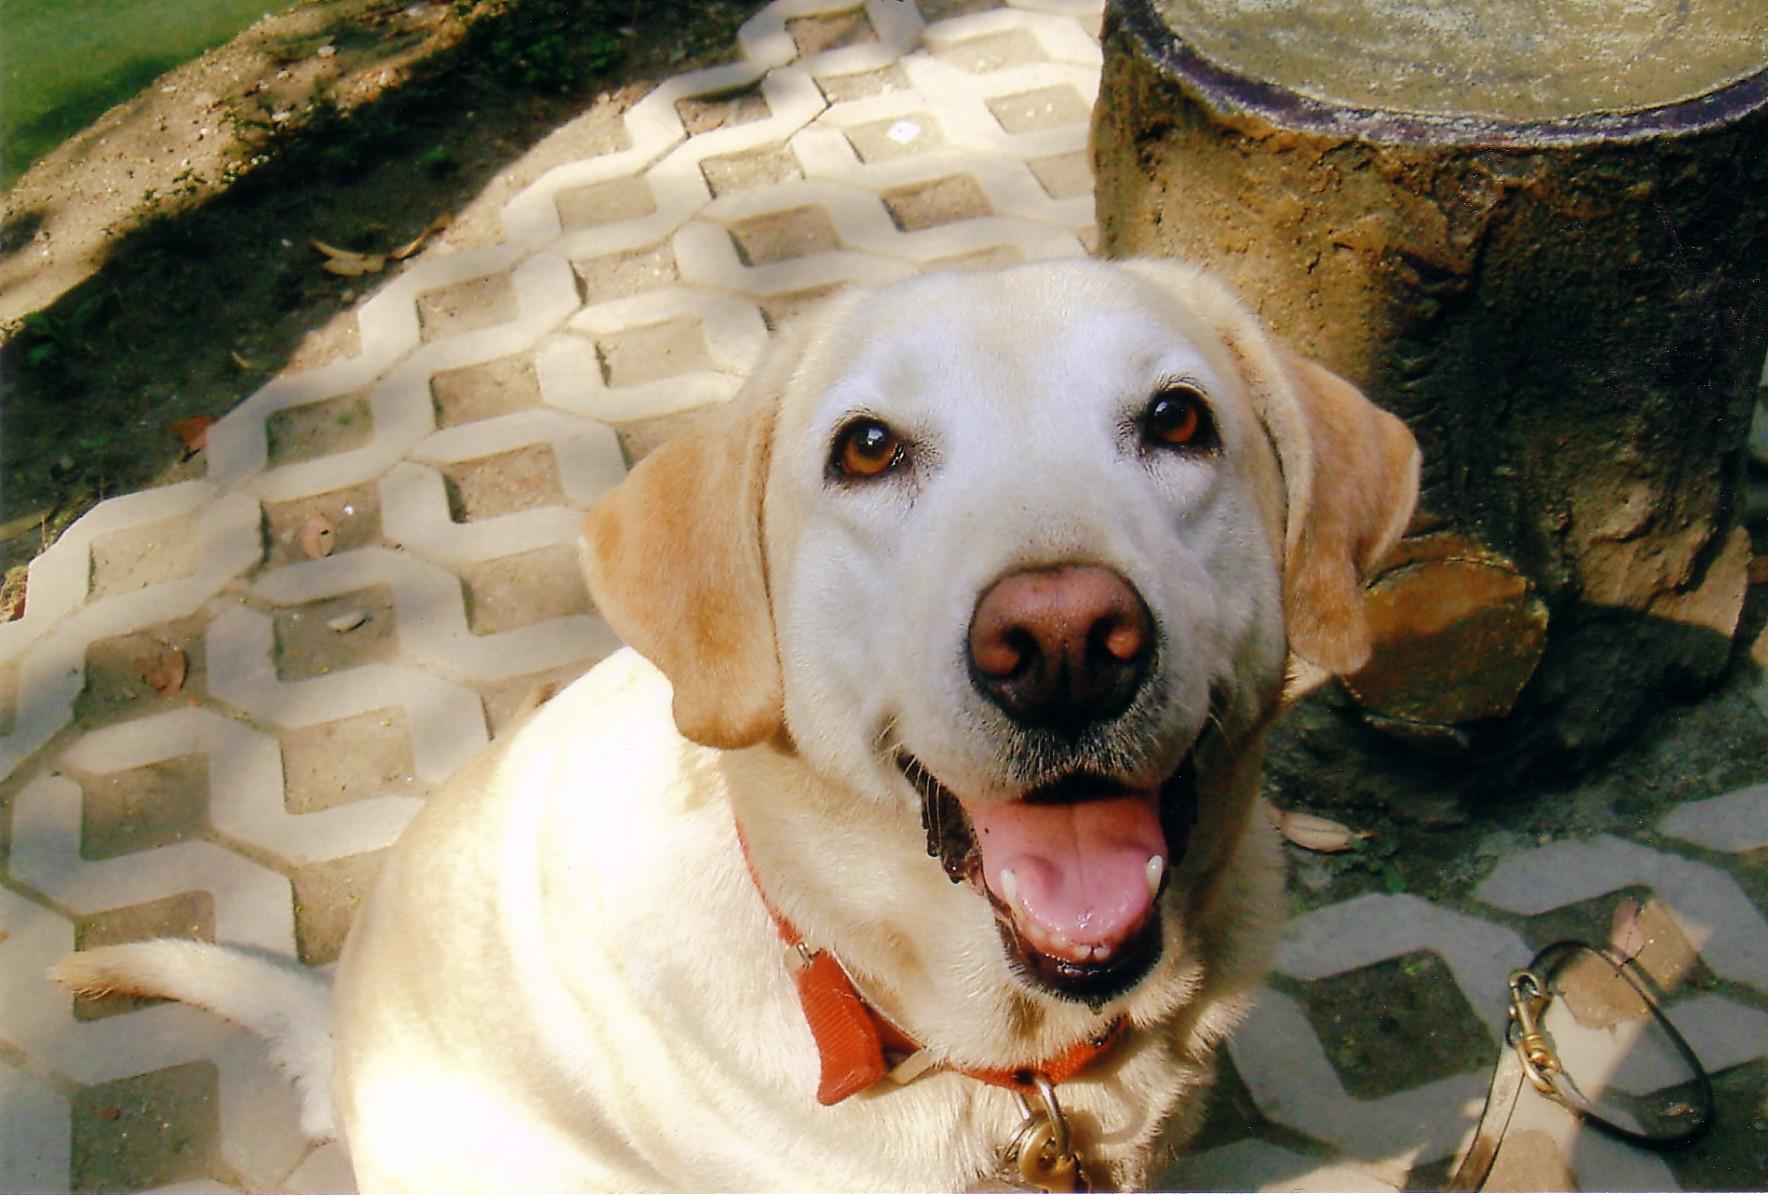 台灣第一隻導盲犬Aggie,白色的Aggie對著鏡頭露出大大的微笑。